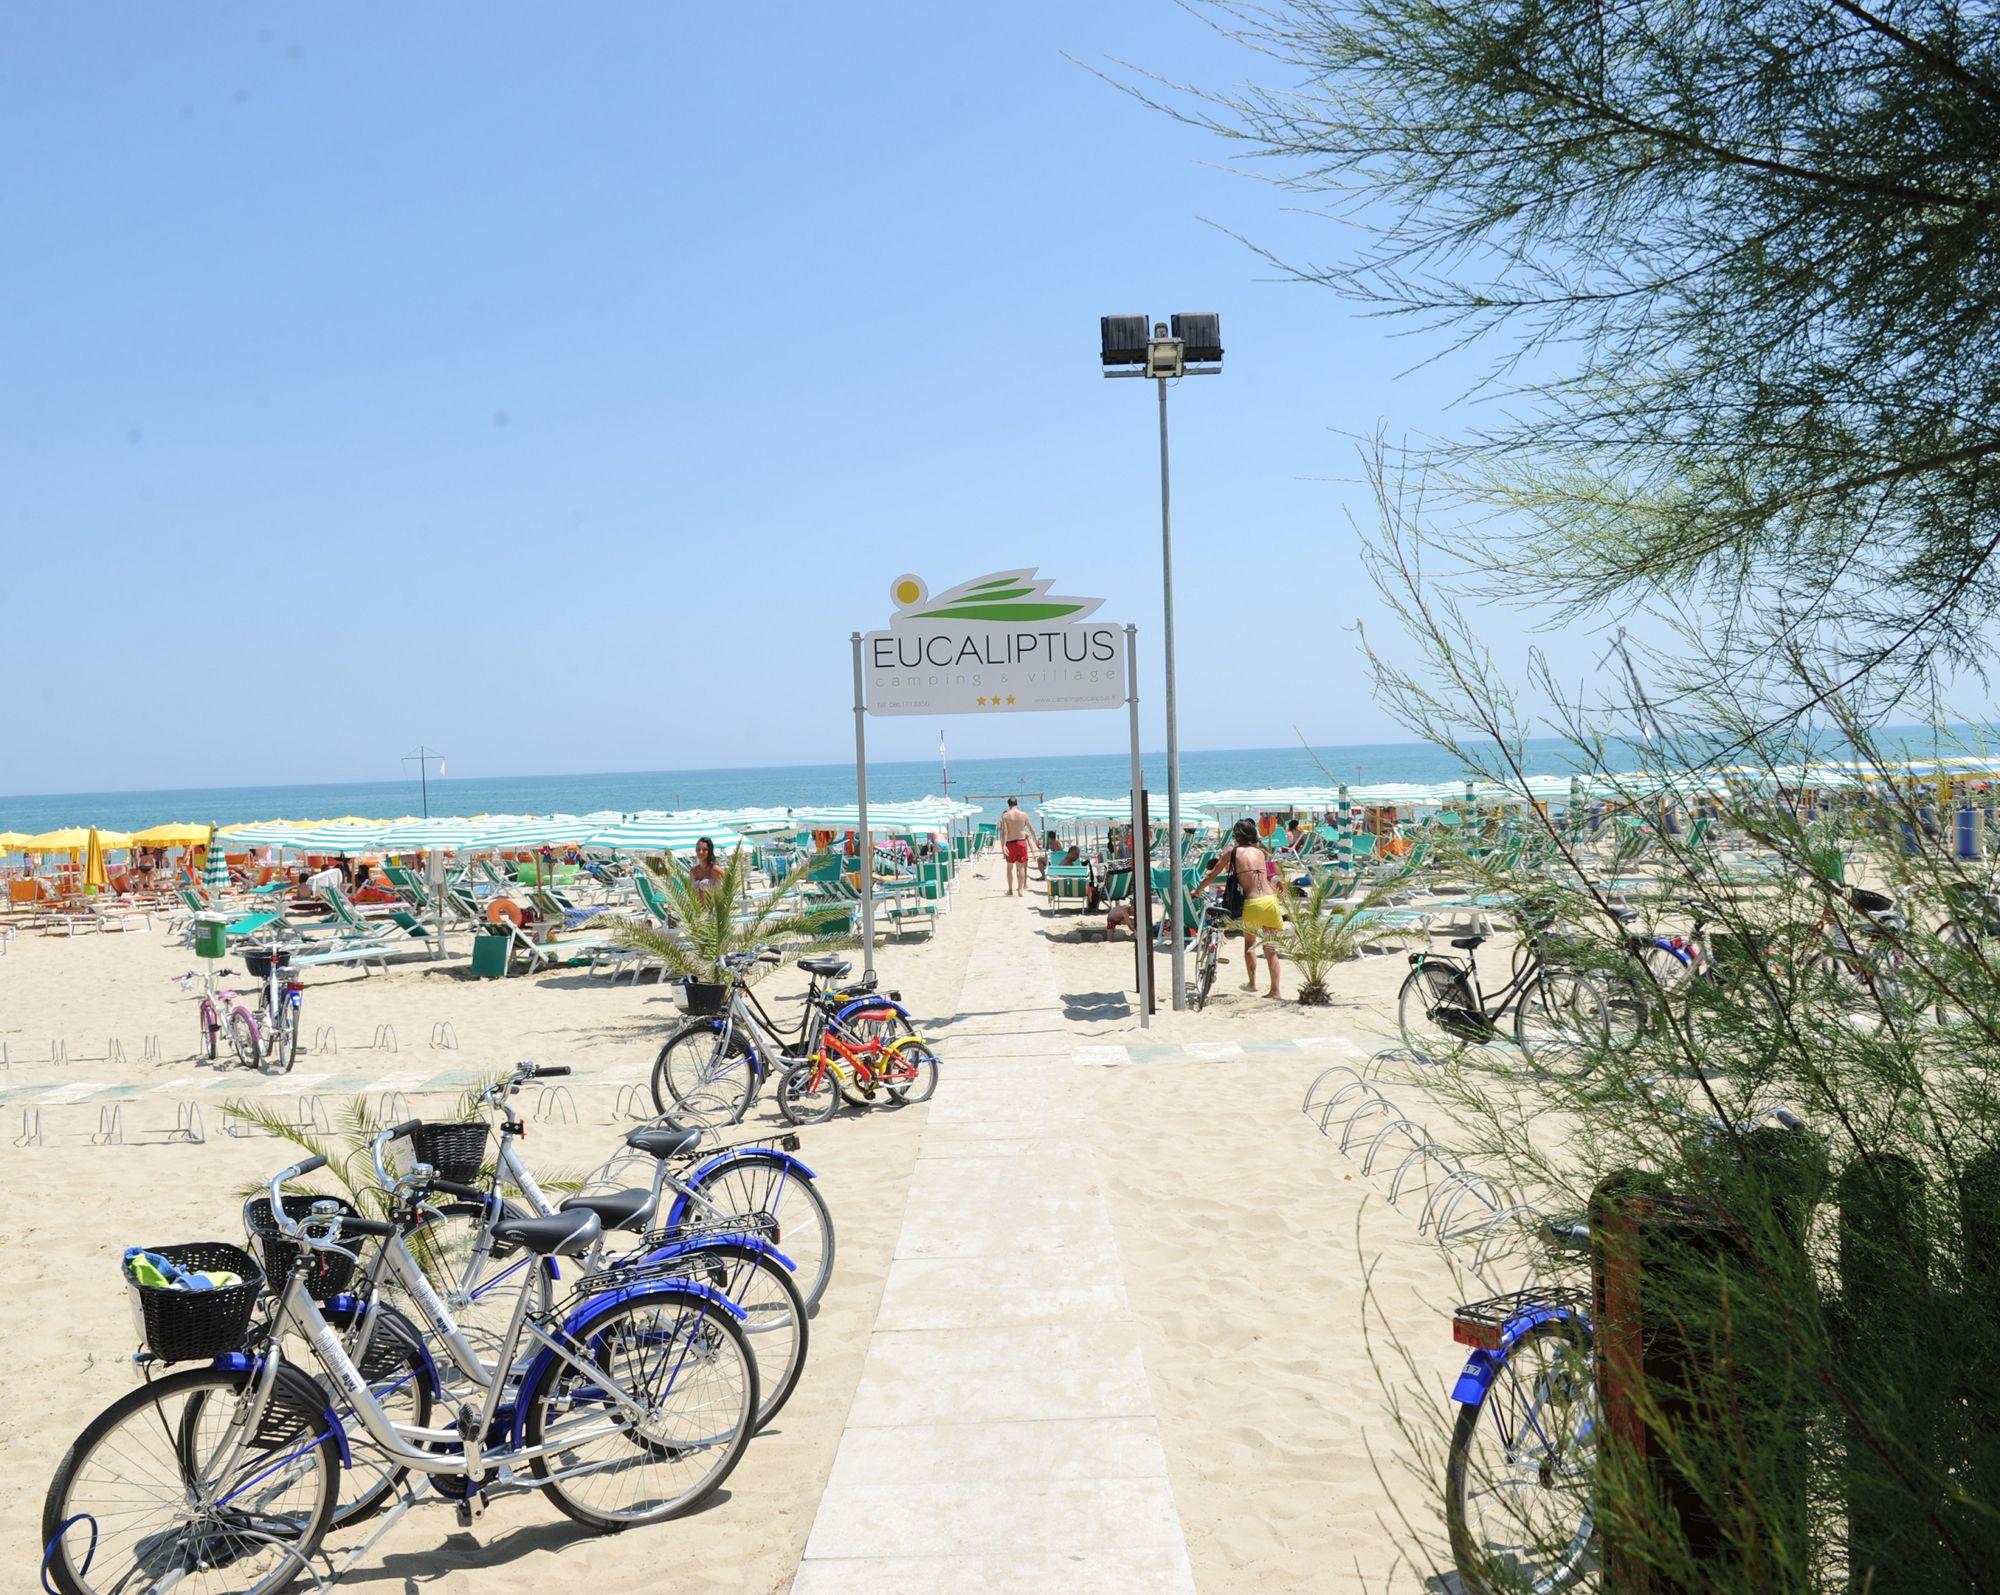 Eucaliptus Spiaggia